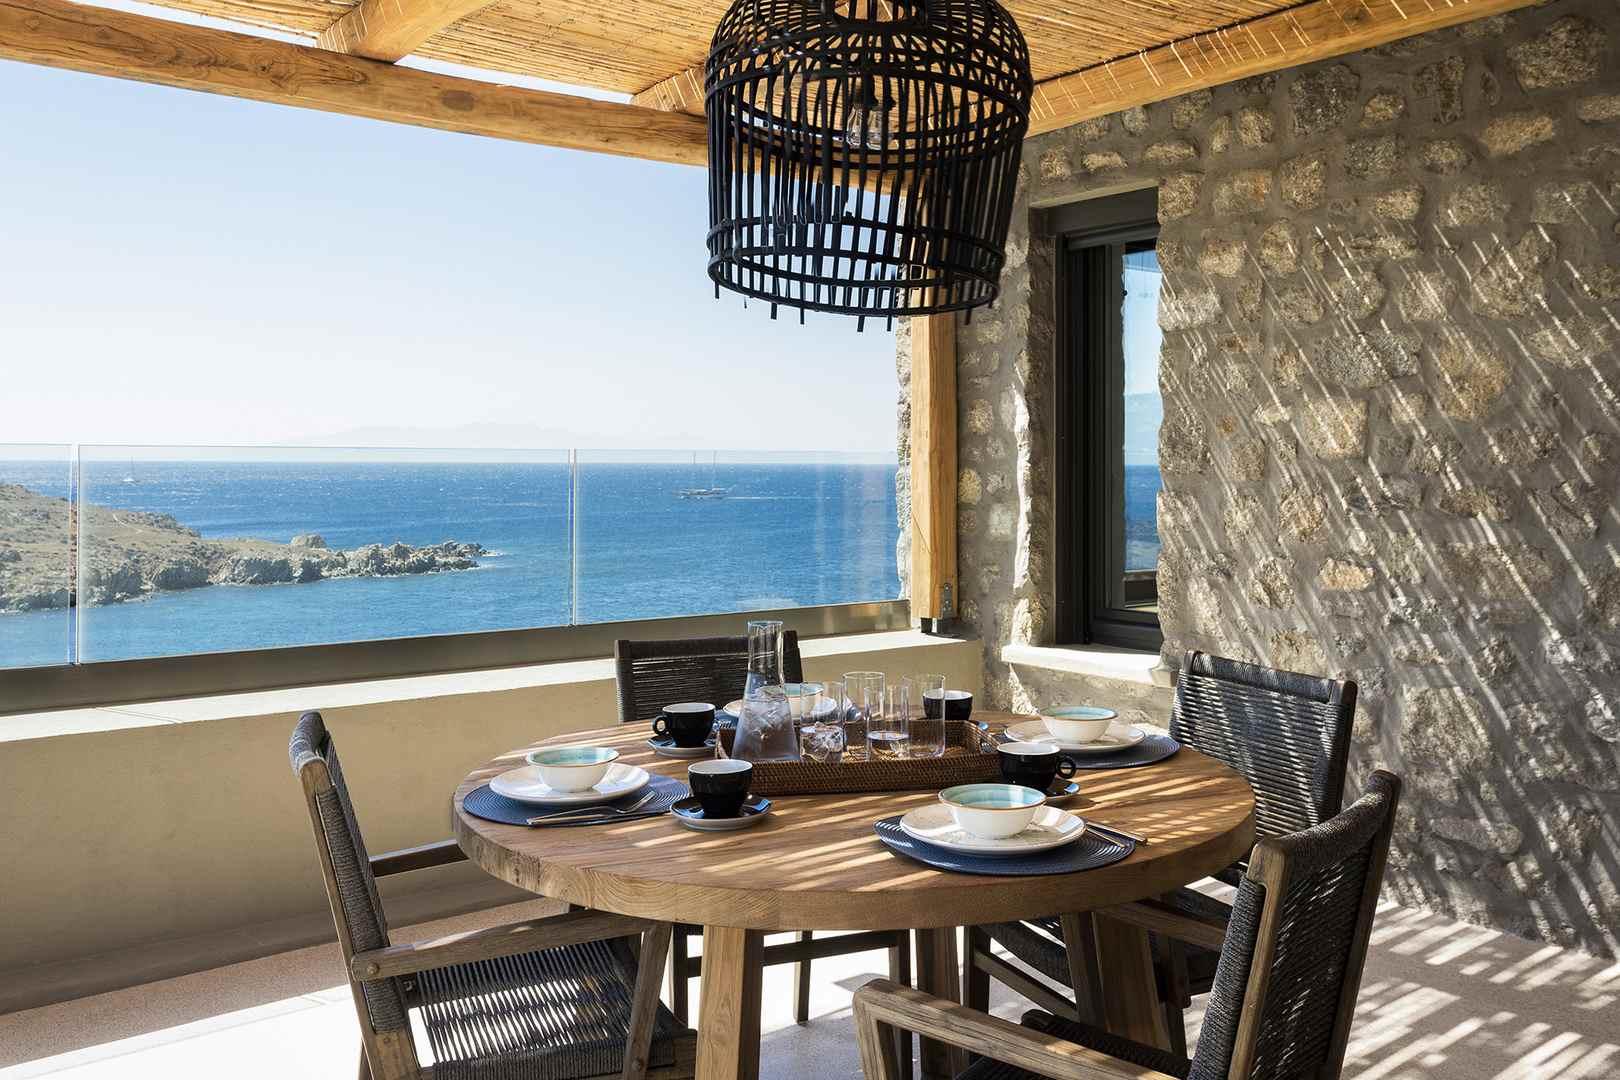 villa aleomandra cove balcony